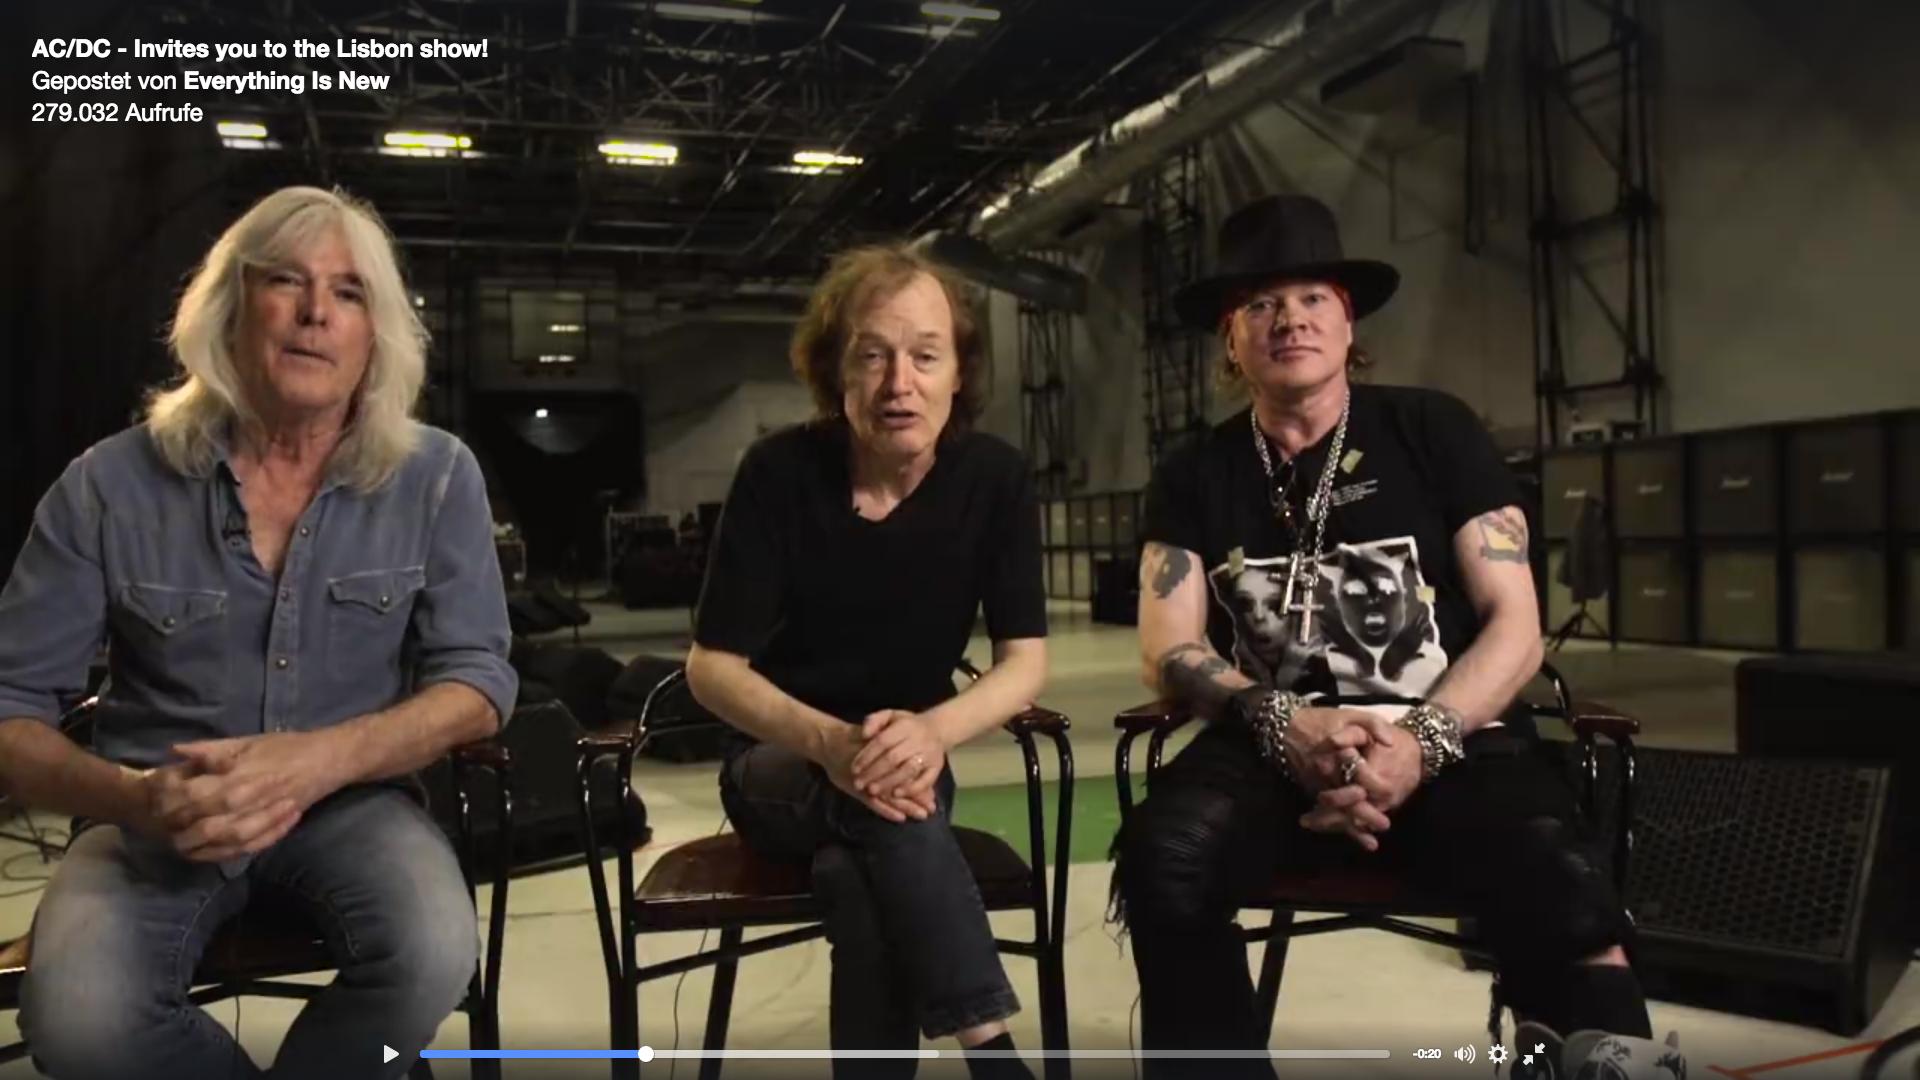 Axl Rose und AC/DC treten zum ersten Mal gemeinsam vor die Kamera.